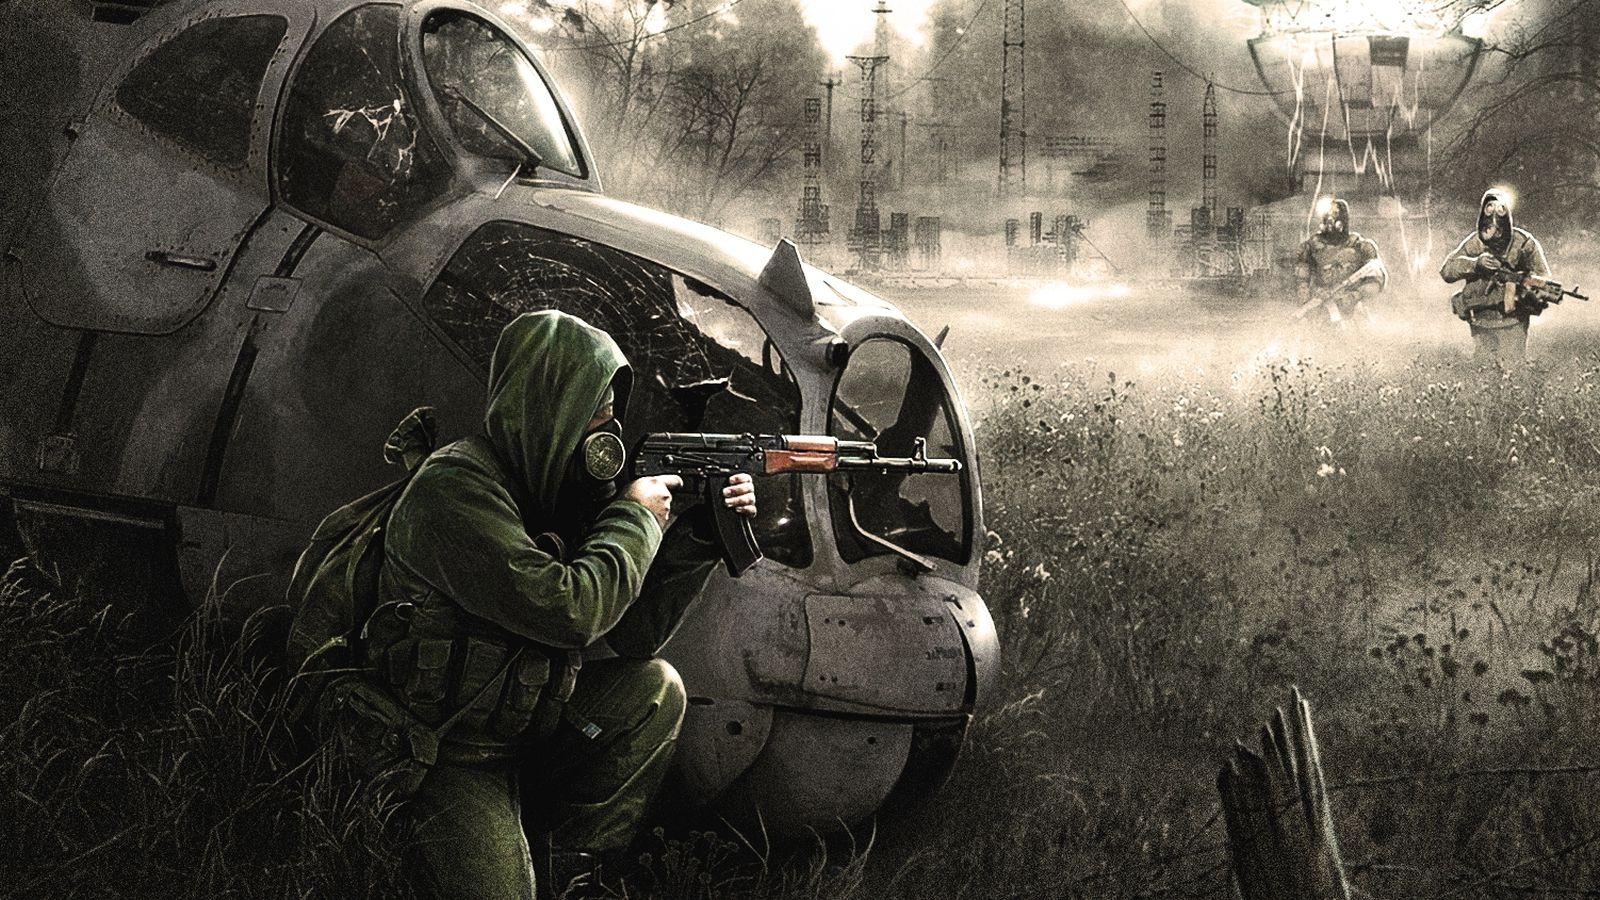 Hd Girl Gun Wallpapers 1080p The Original Developer Of Stalker Re Opens Has A Good